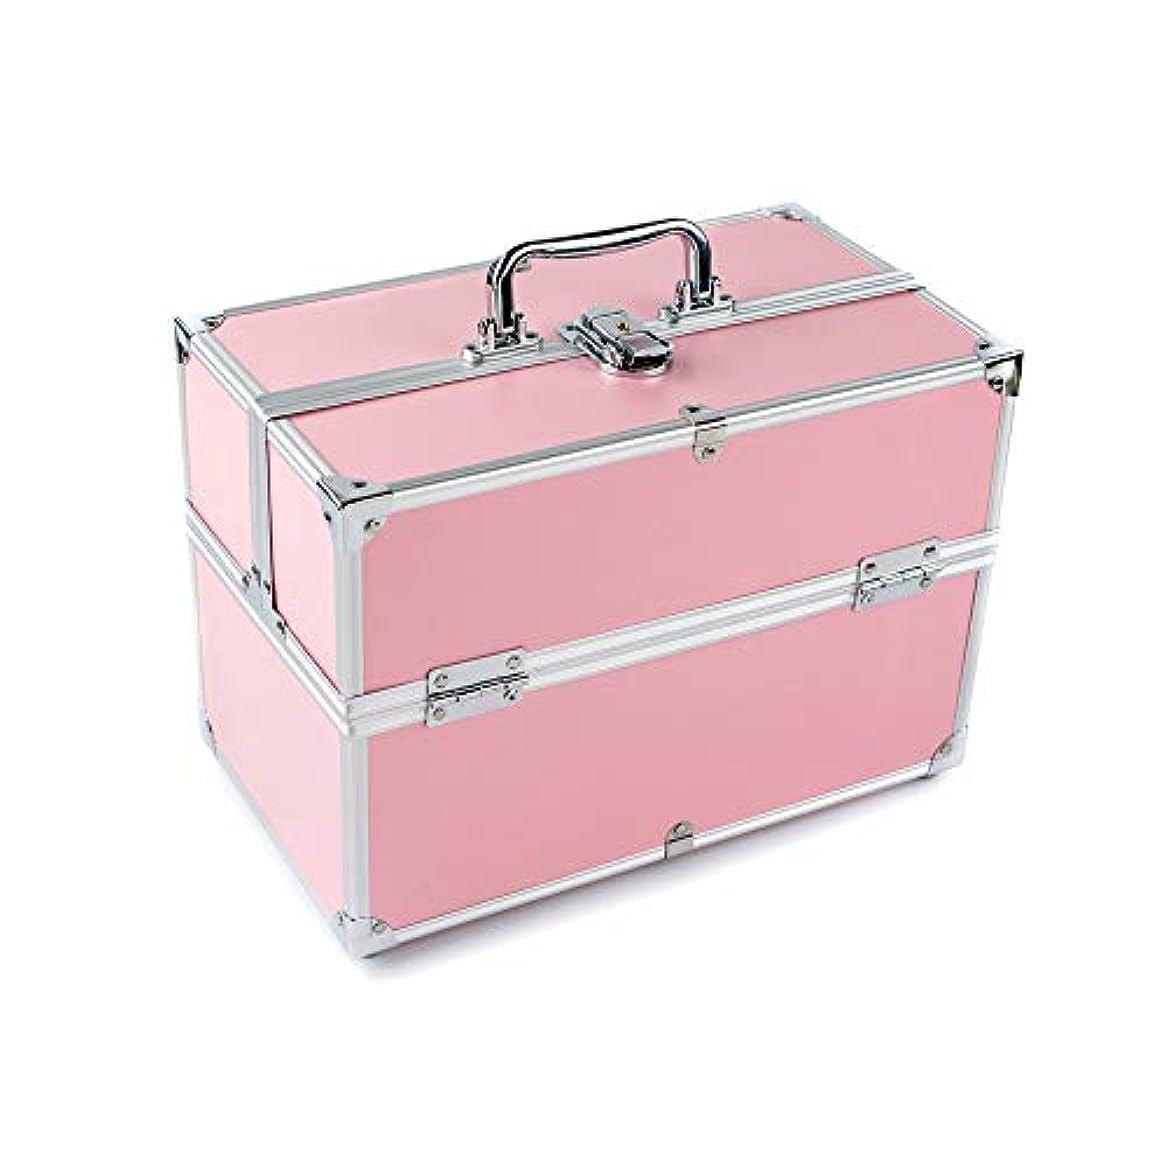 見つけたサンドイッチやがて特大スペース収納ビューティーボックス 美の構造のためそしてジッパーおよび折る皿が付いている女の子の女性旅行そして毎日の貯蔵のための高容量の携帯用化粧品袋 化粧品化粧台 (色 : ピンク)